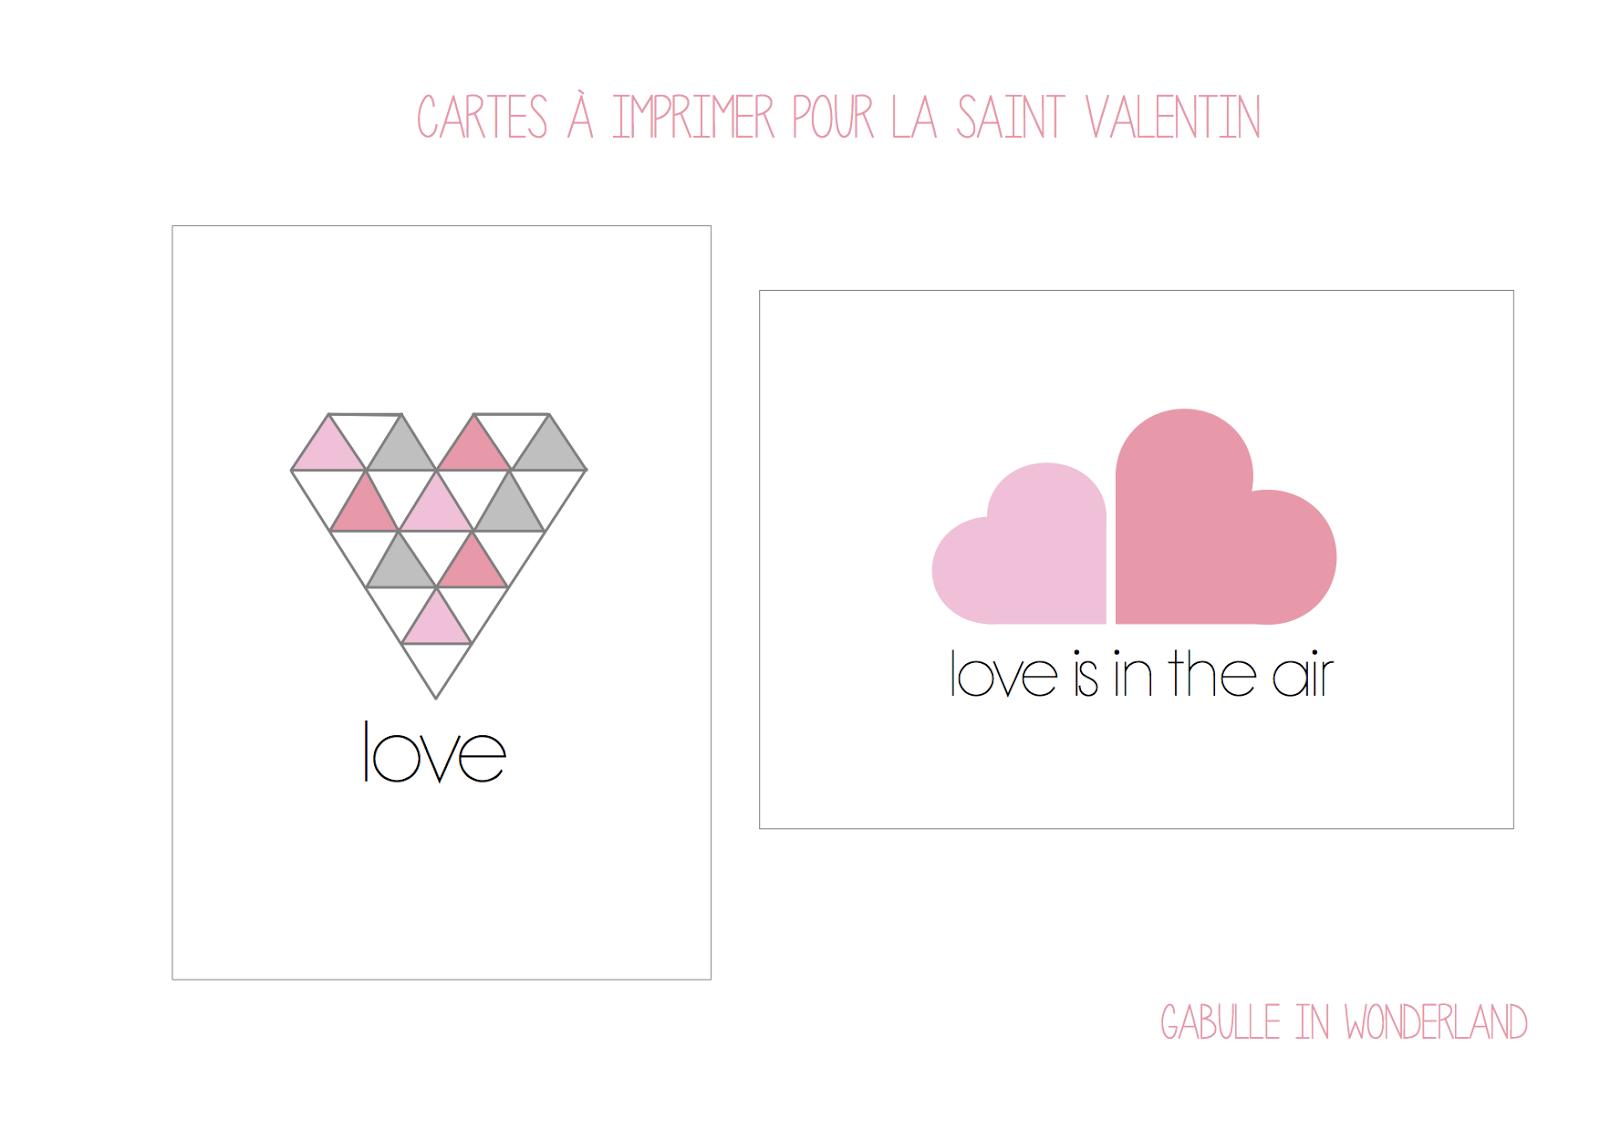 Gabulle in wonderland cartes imprimer pour la saint valentin - Carte st valentin gratuite a imprimer ...